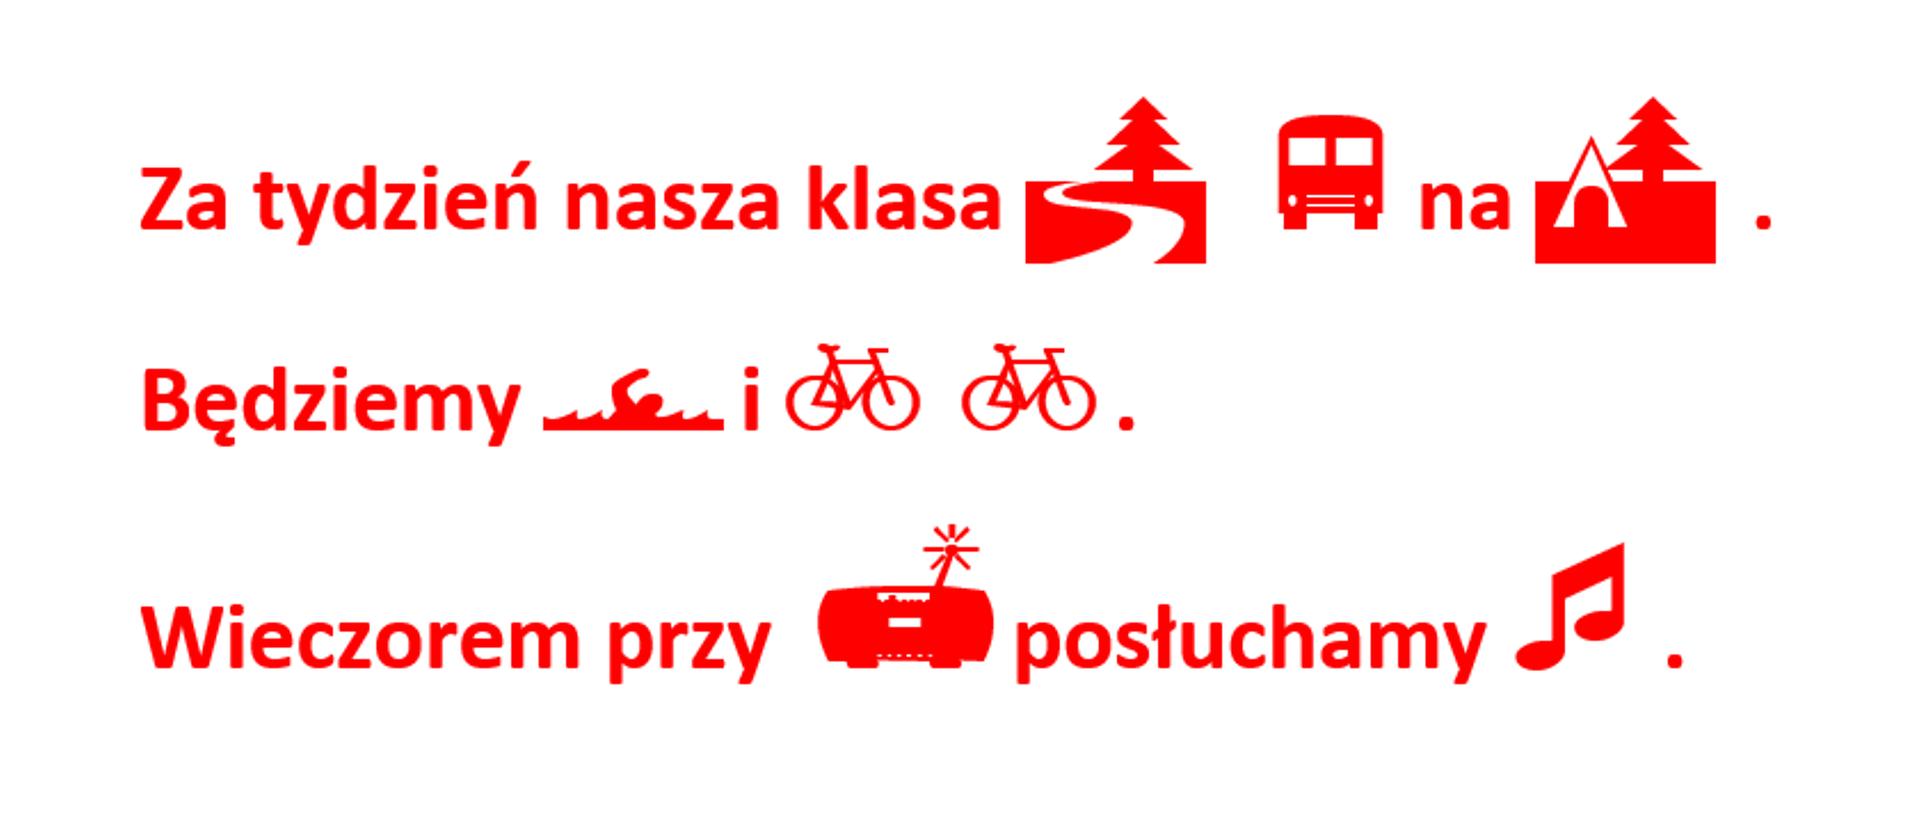 Zrzut fragmentu tekstu zwstawionymi symbolami